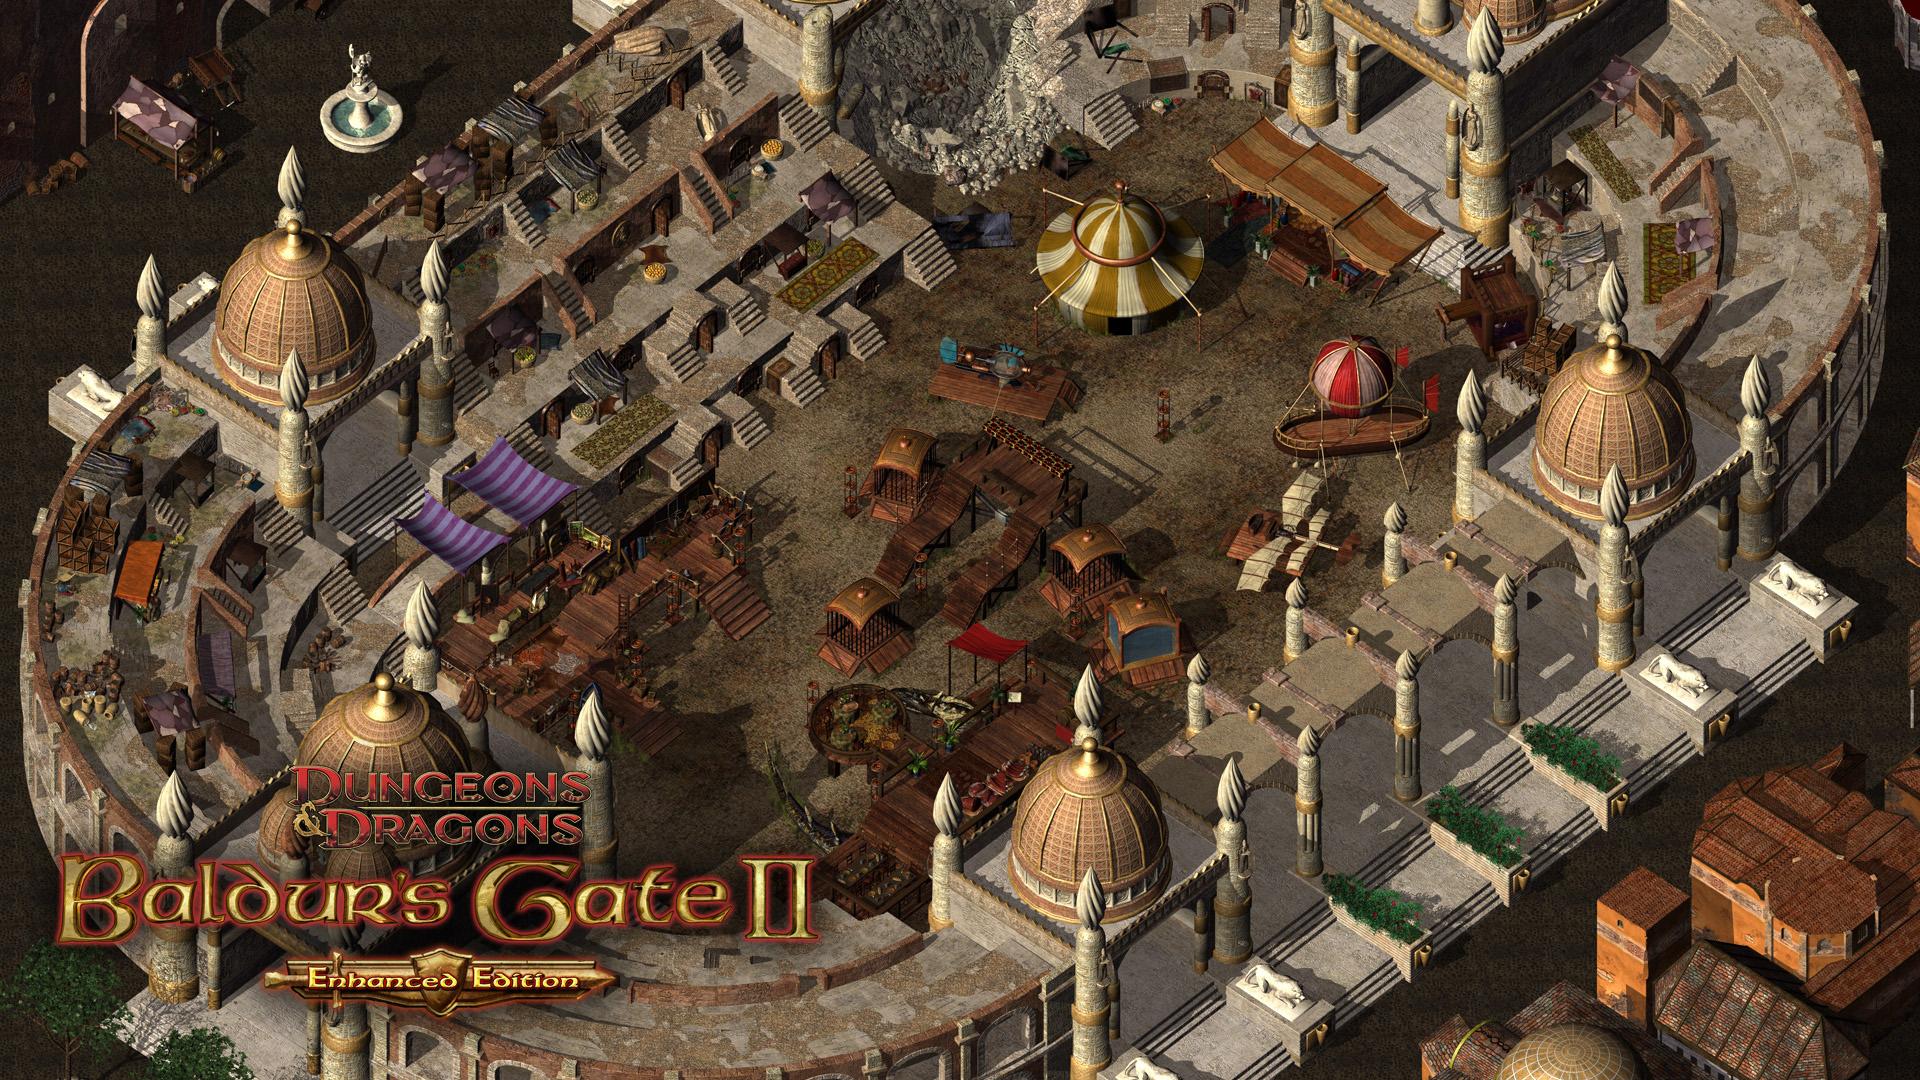 Baldur's Gate II1